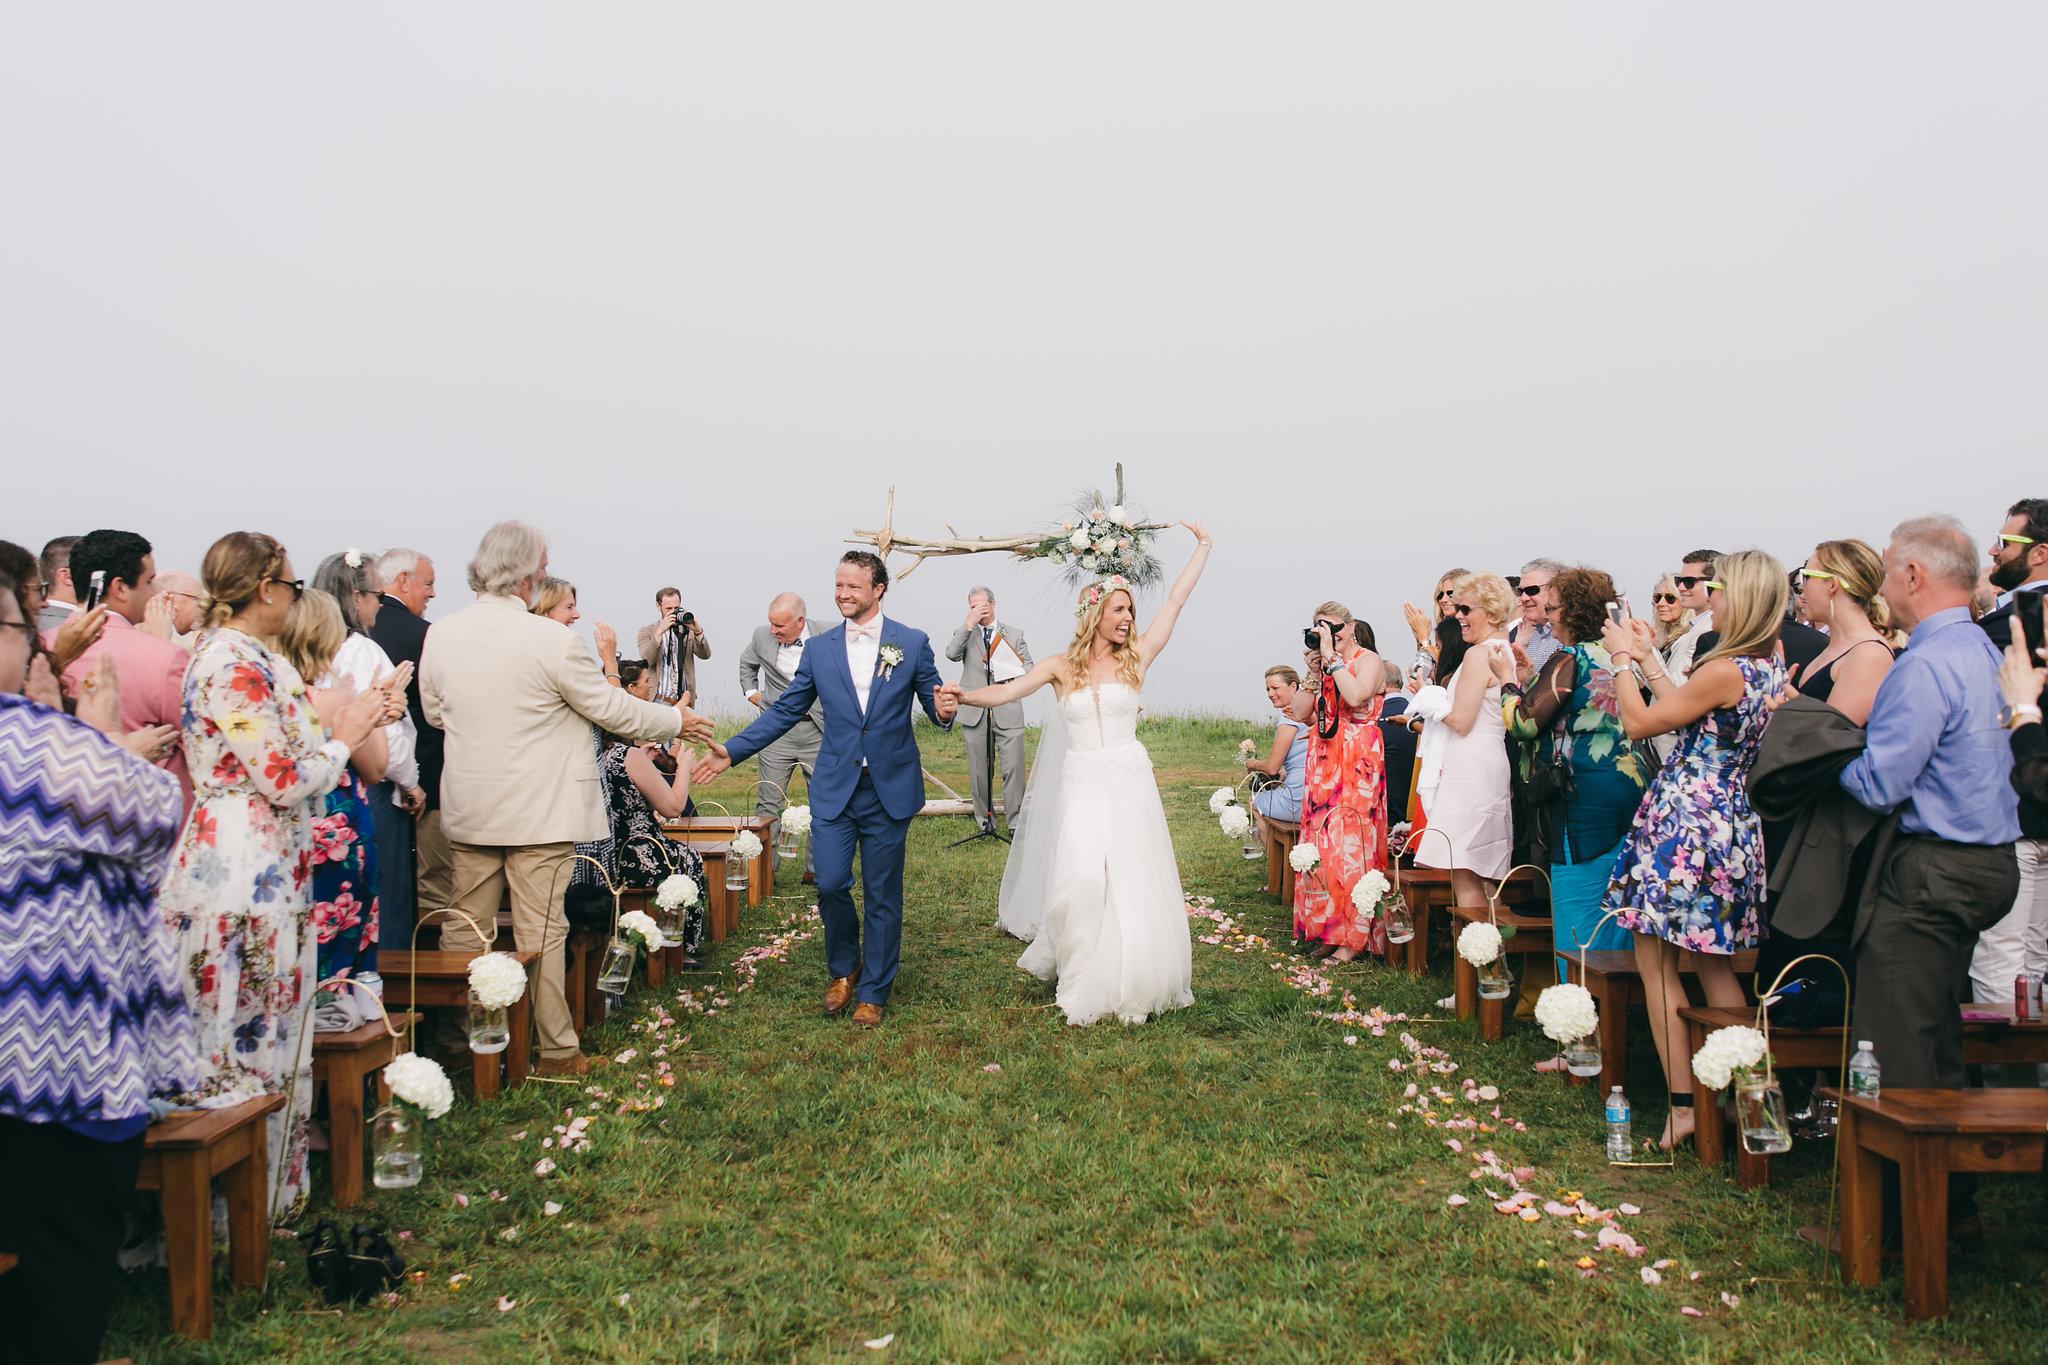 QD-Emily-TJ-Wedding-494.jpg